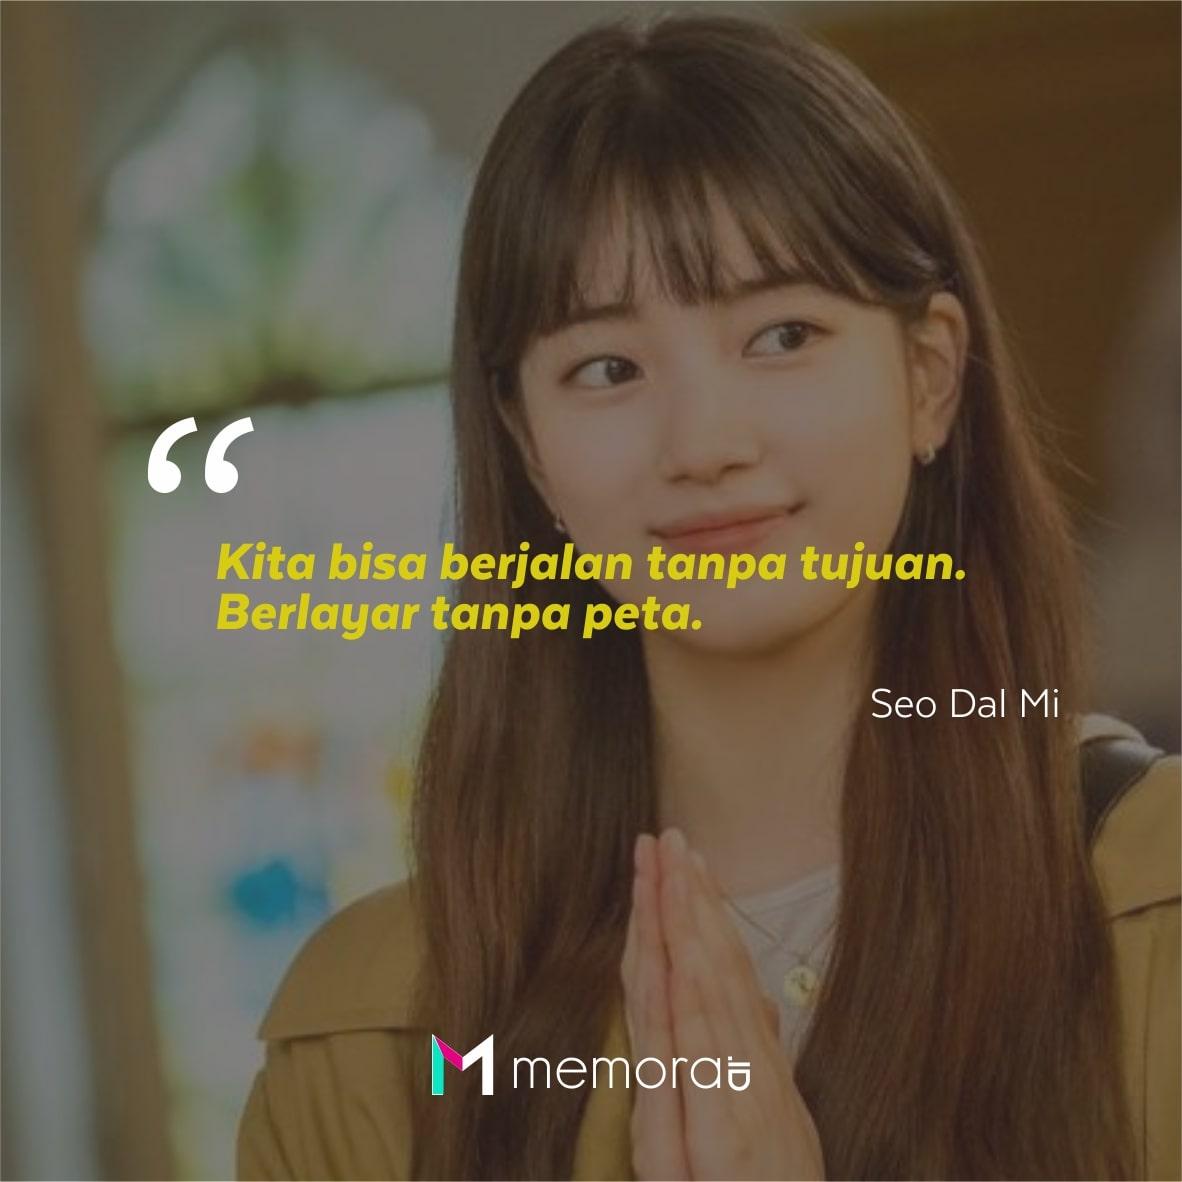 Kata-kata Bijak Seo Dal Mi